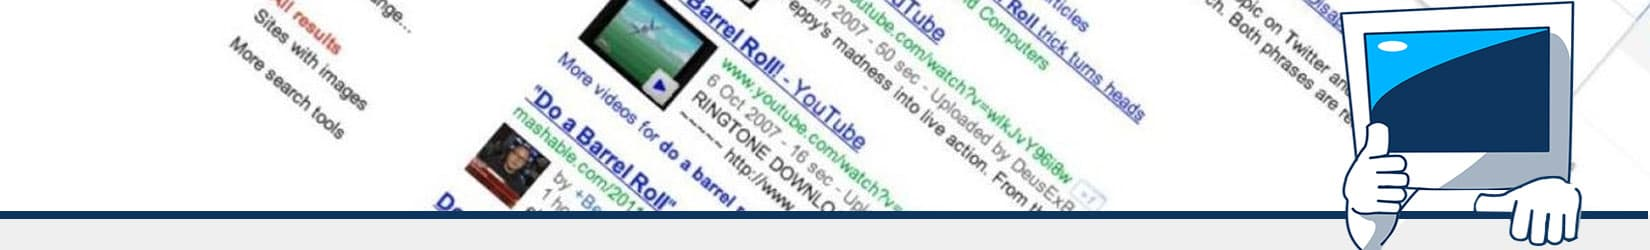 trucos de google que no sabias